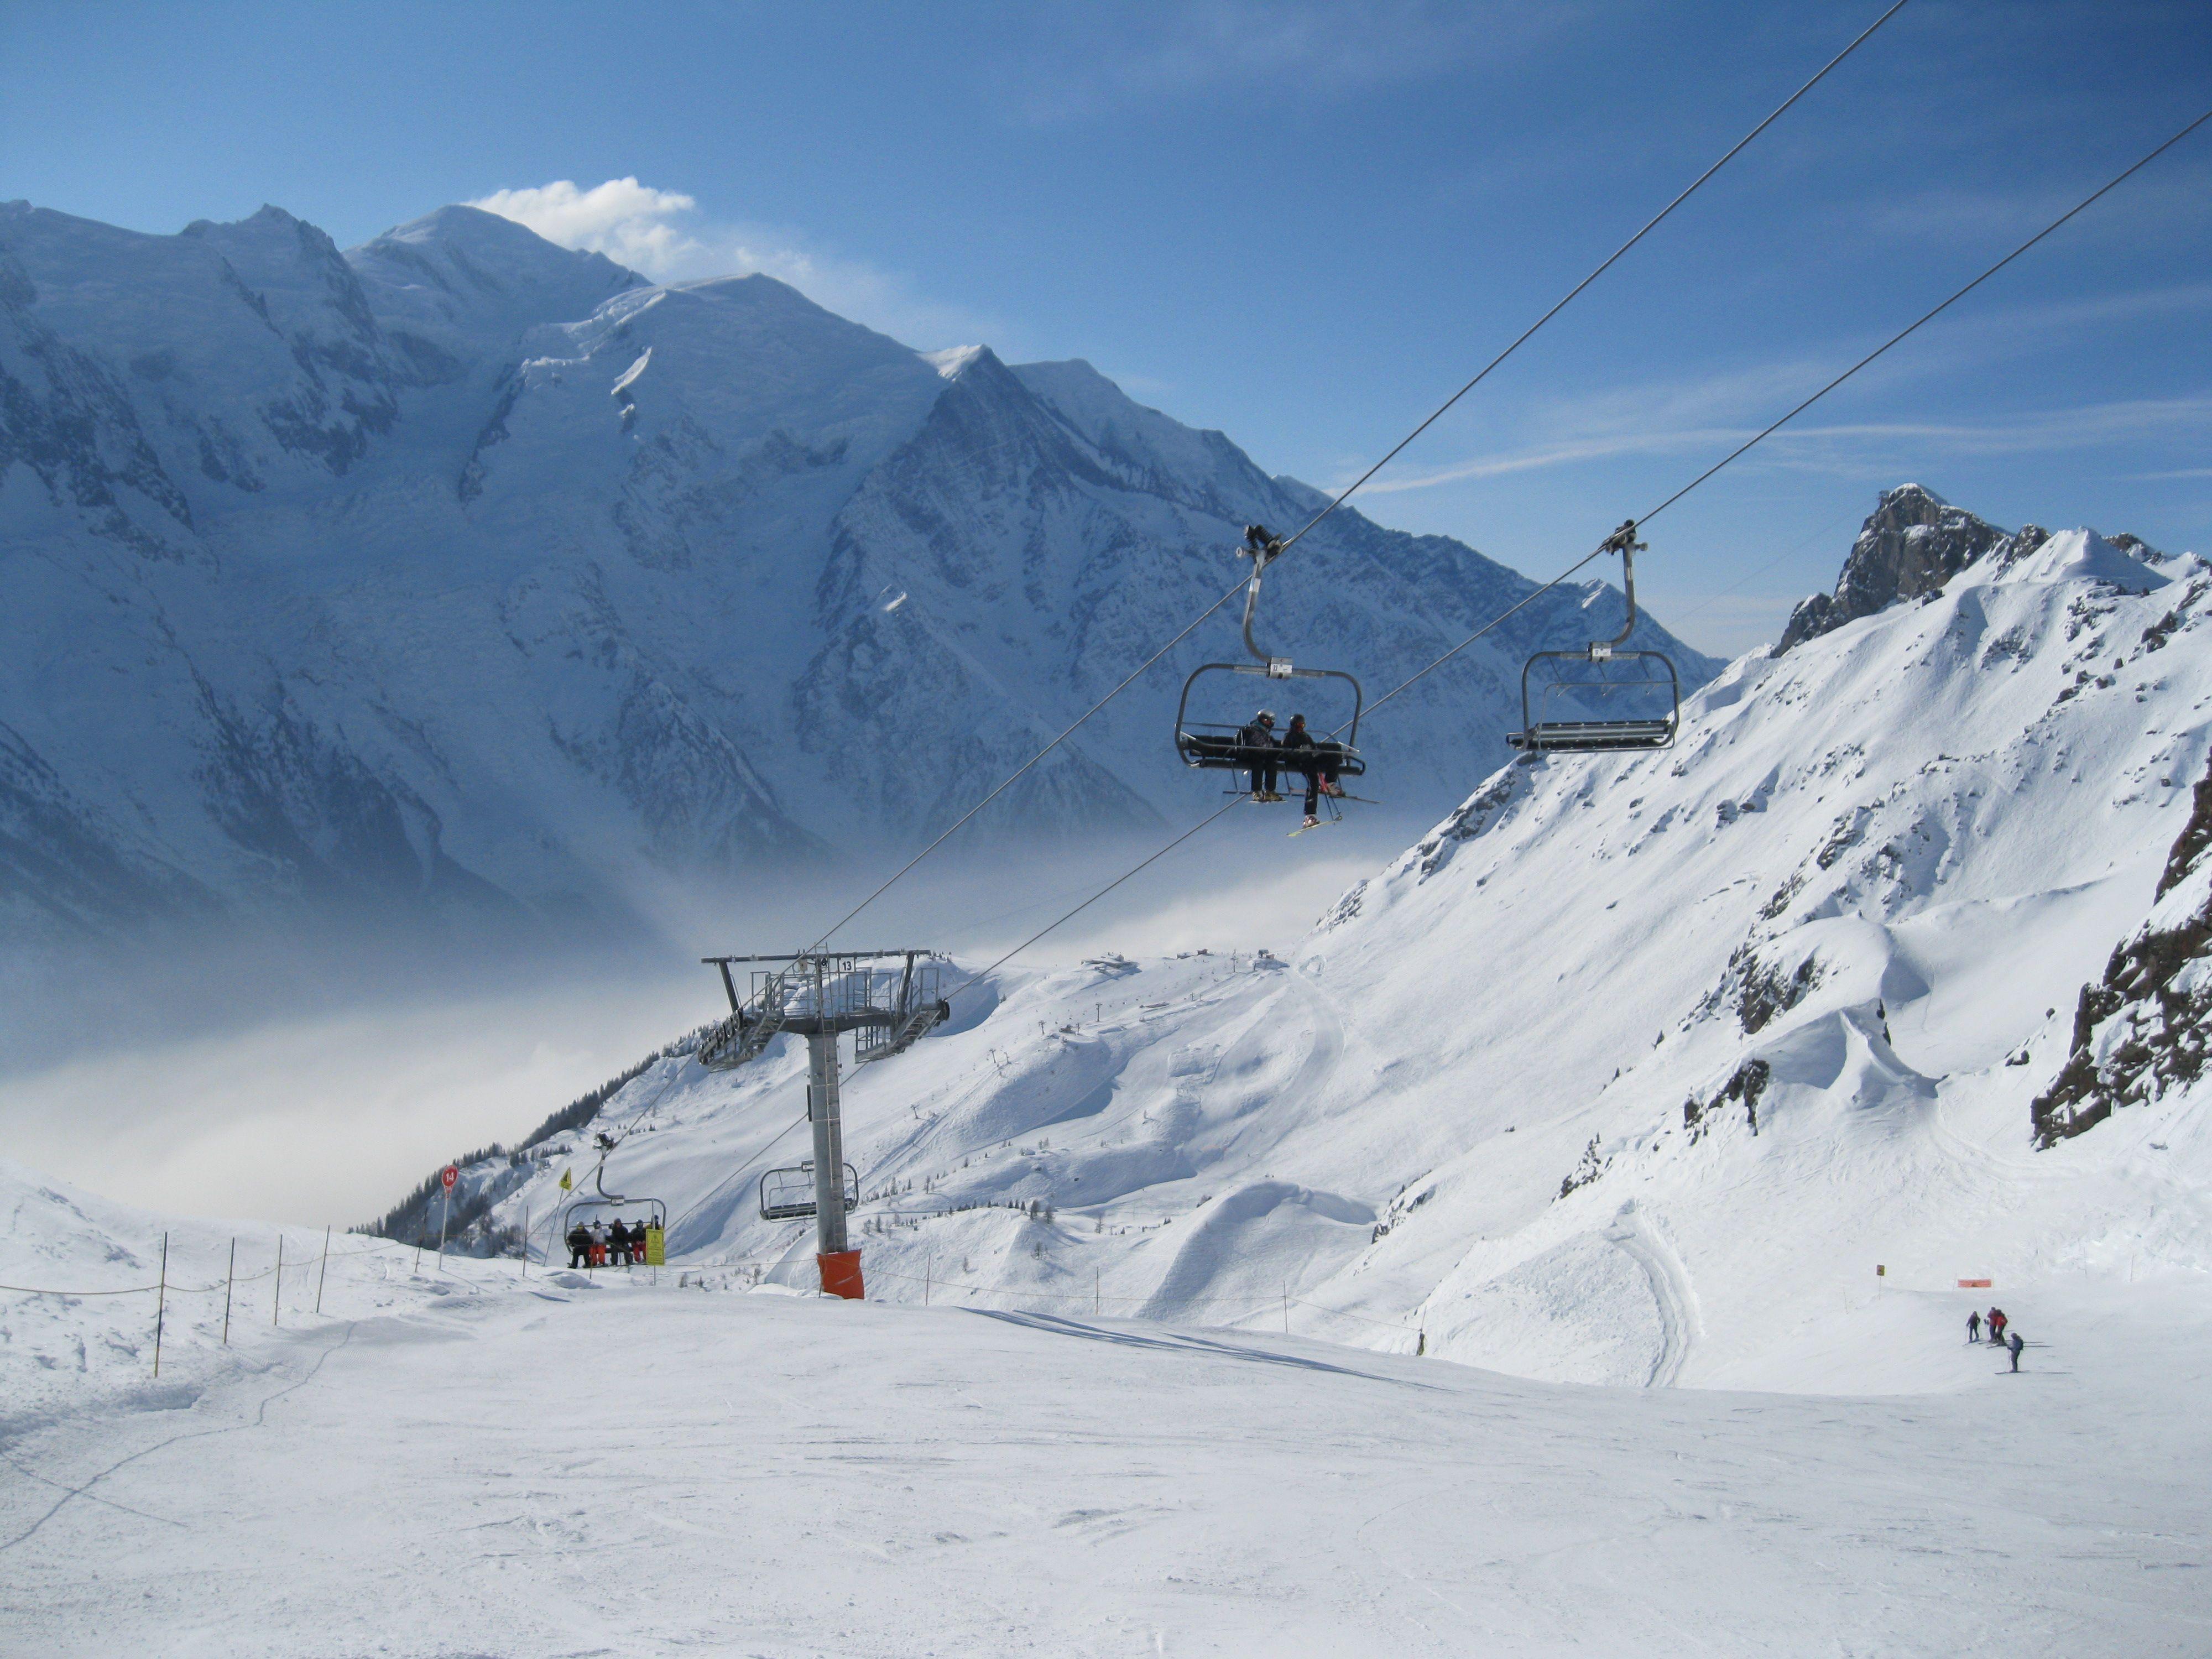 chamonix skiing   where is yvette?